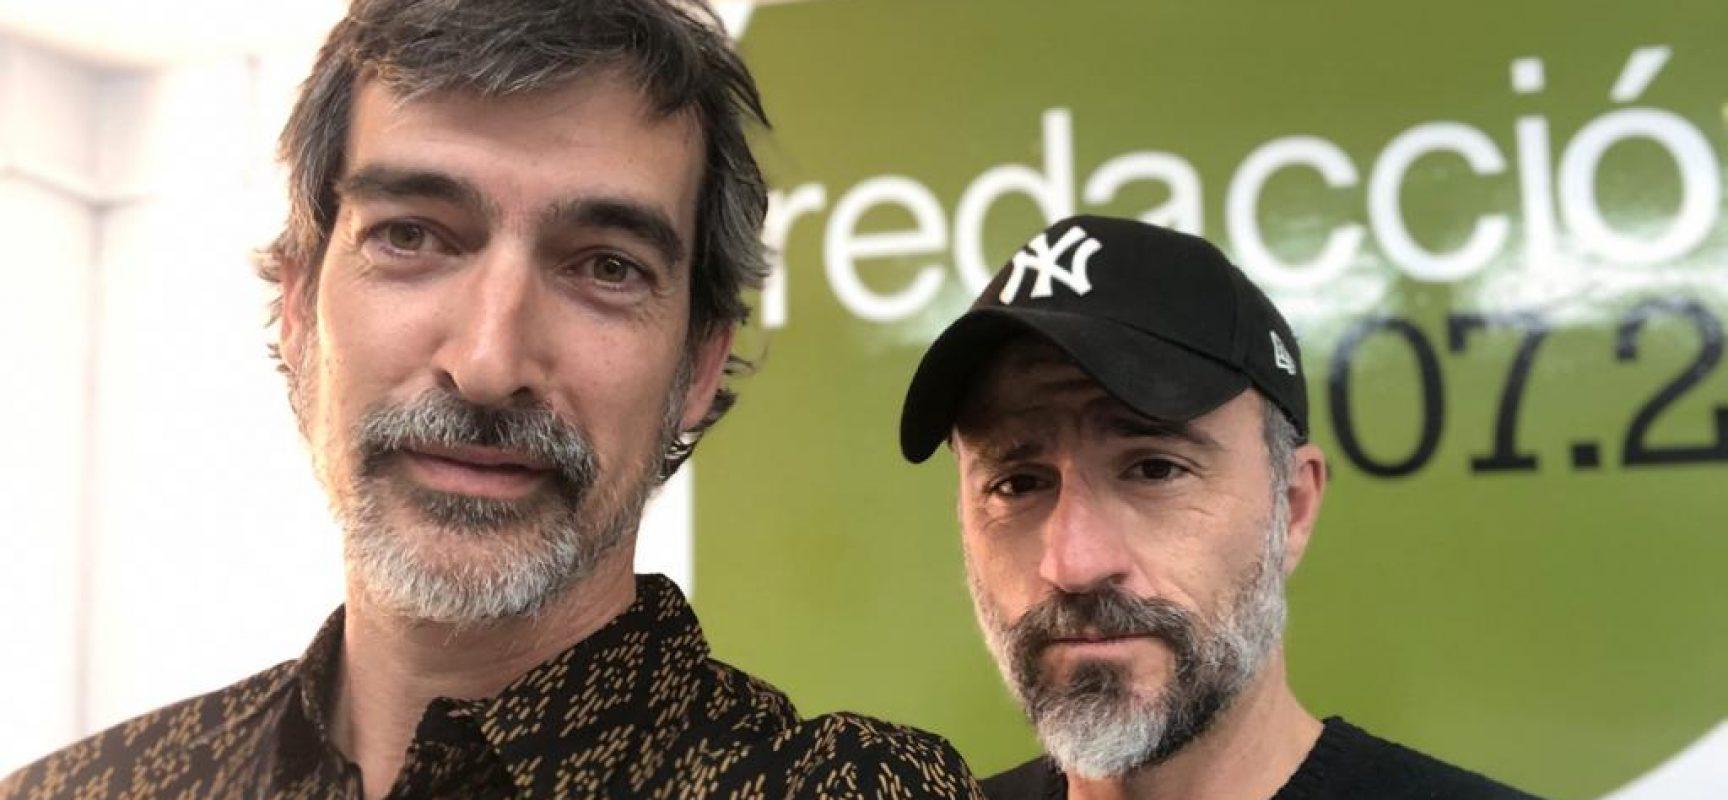 El Rincón del ajedrez comienza su 5ª temporada